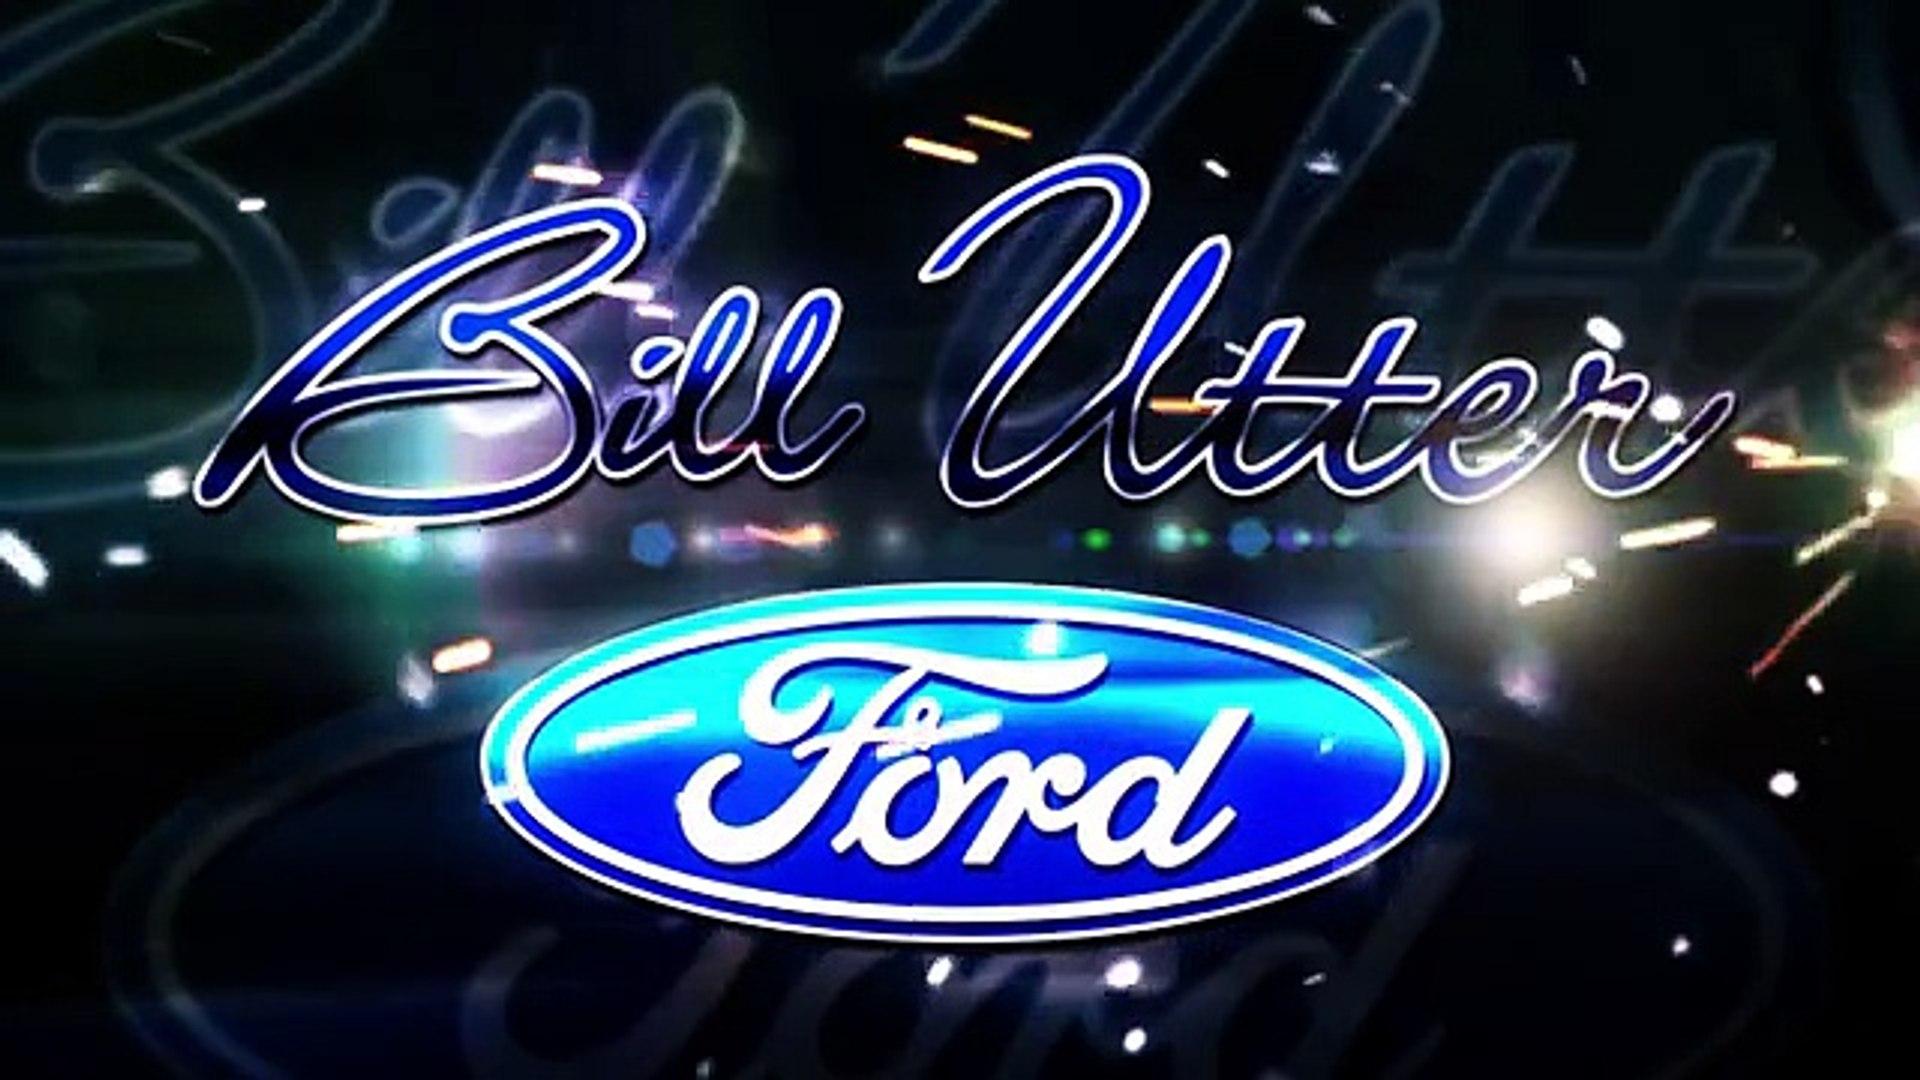 2017 Ford Flex Corinth, TX | Ford Flex Corinth, TX